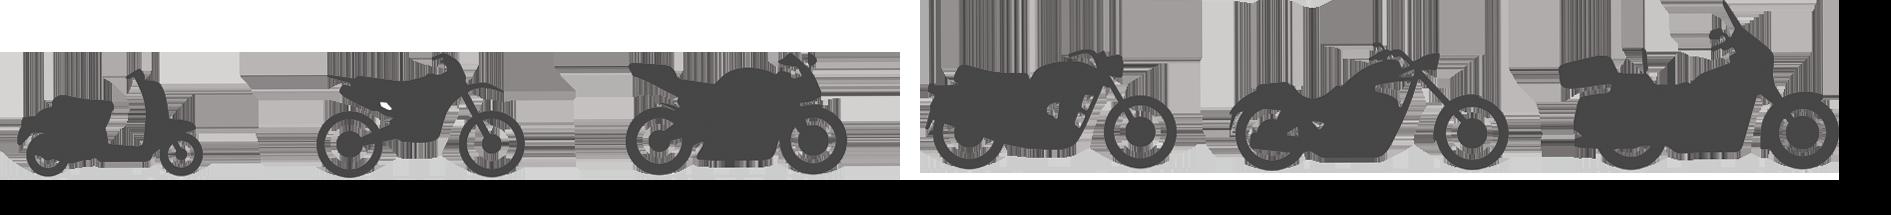 bikes vectors #2